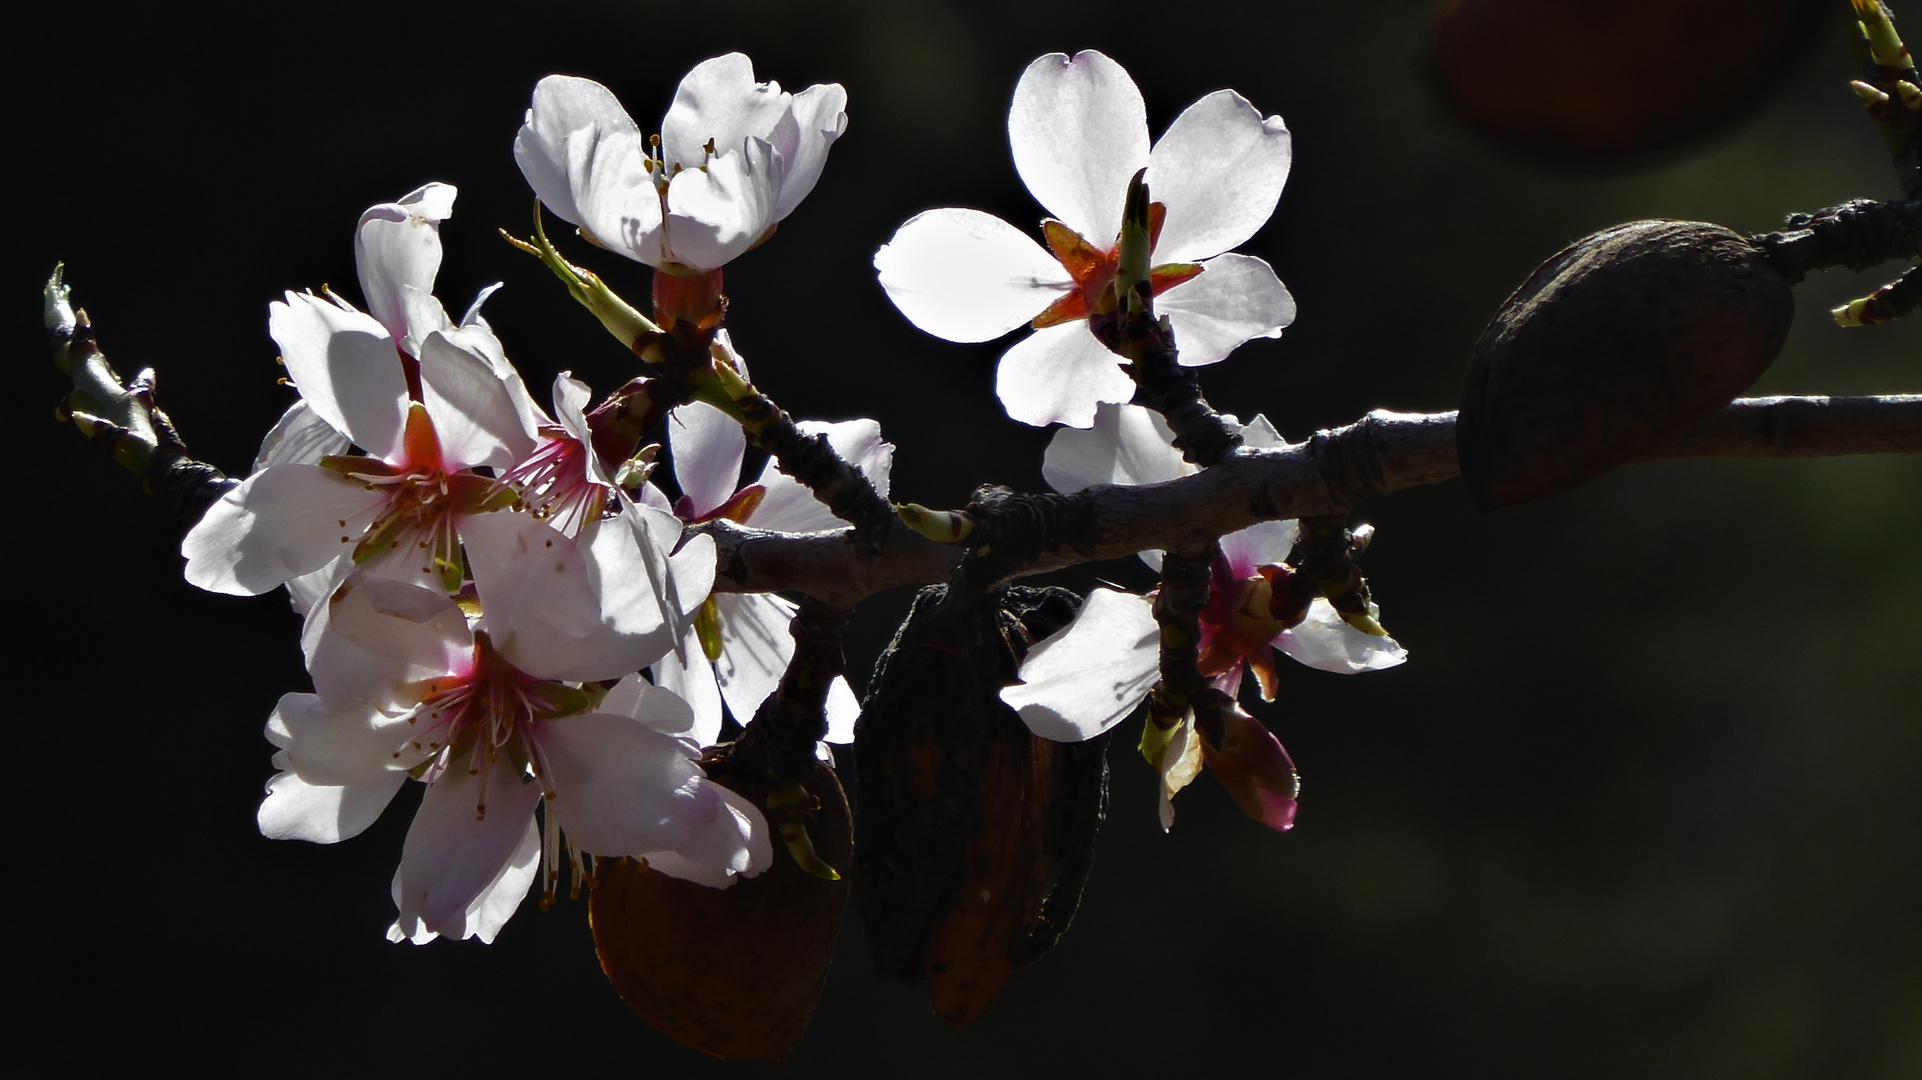 Ya se huele la Primavera